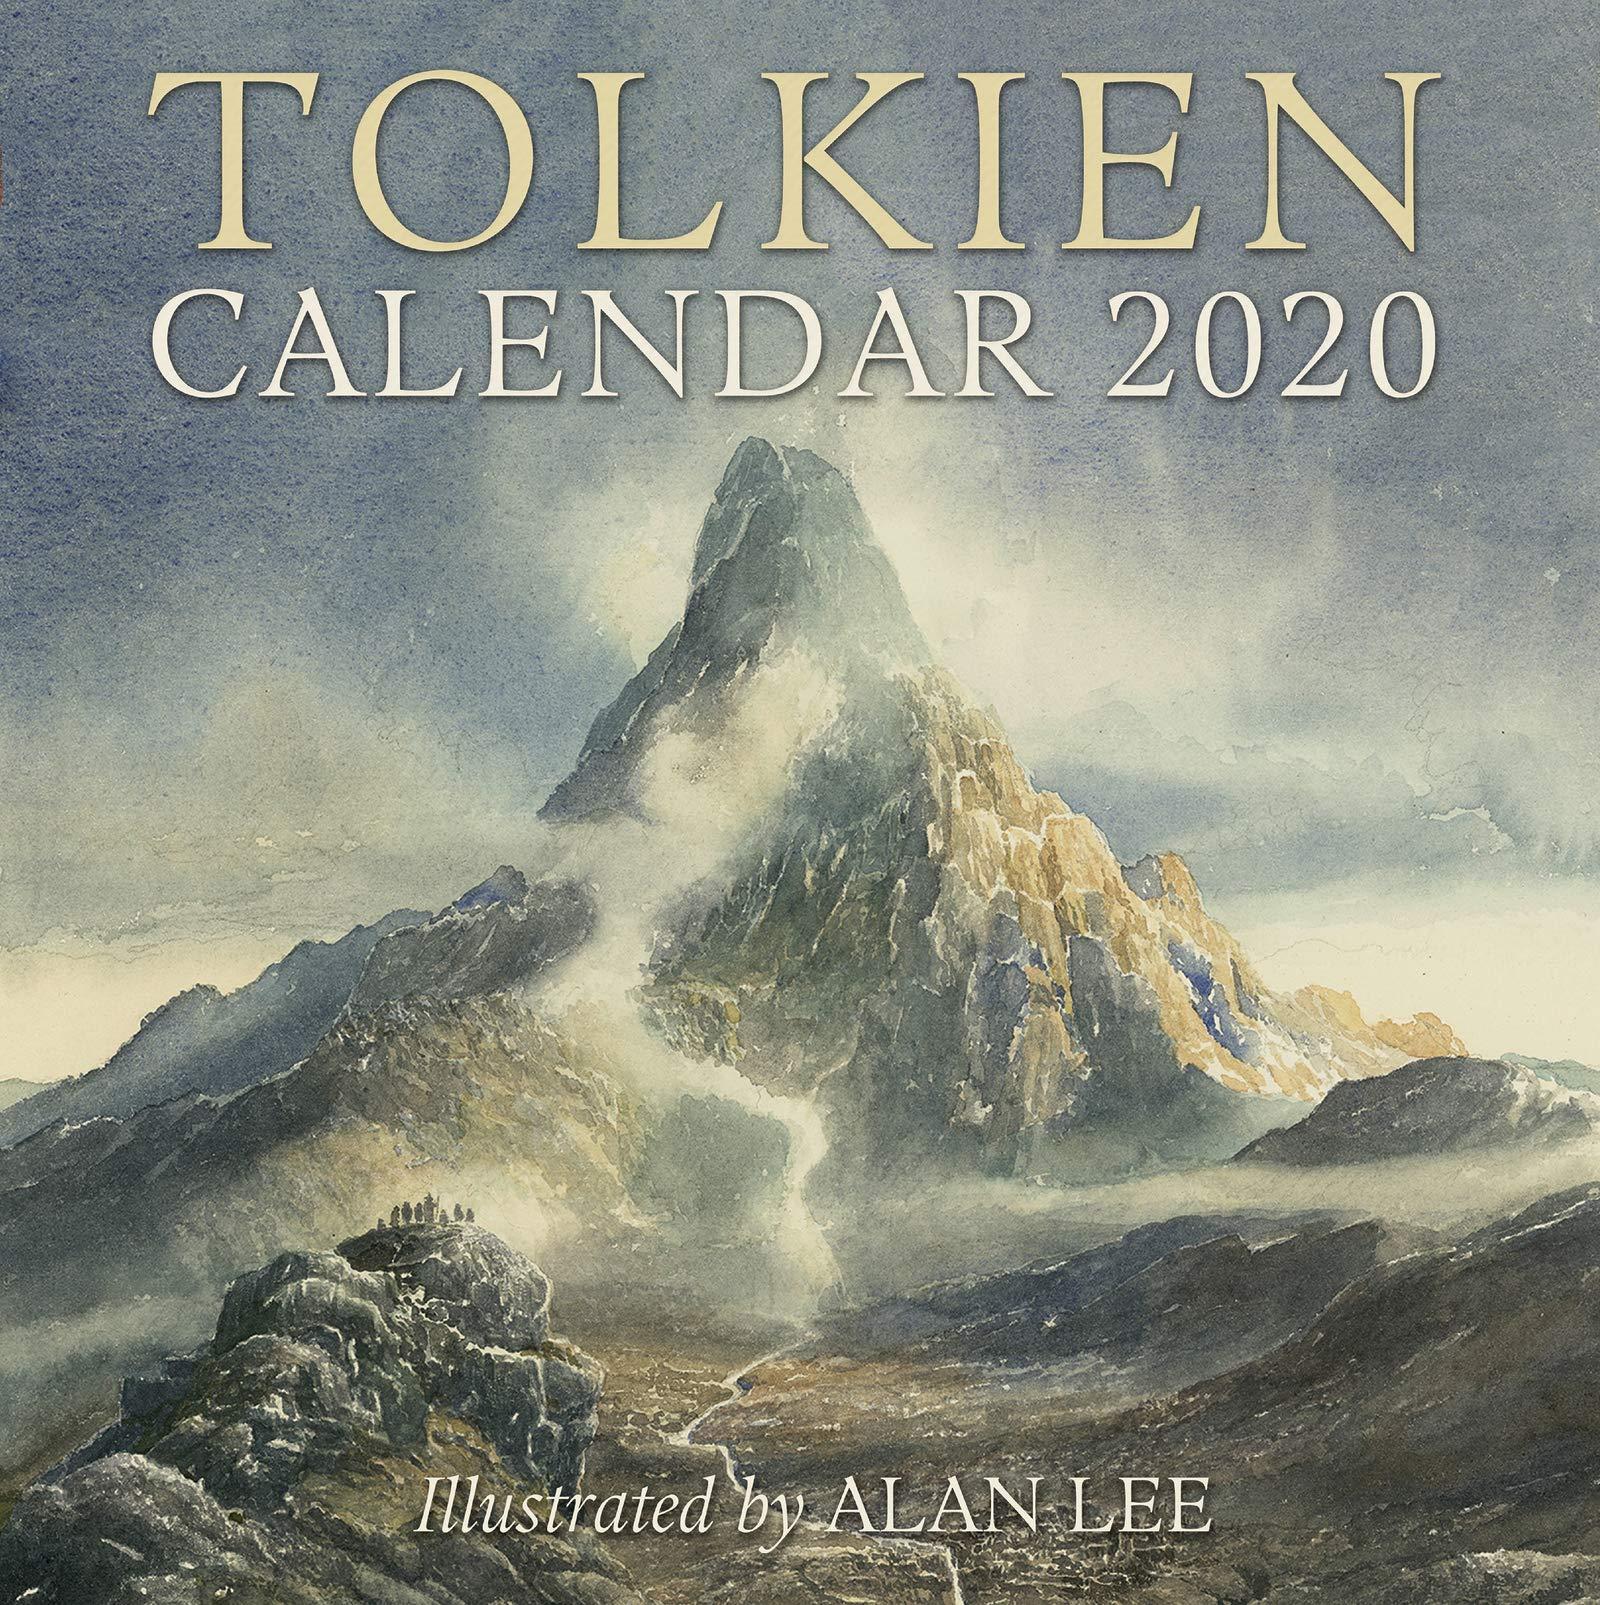 Calendrier World Tour 2020.Tolkien Calendar 2020 J R R Tolkien 9780062959768